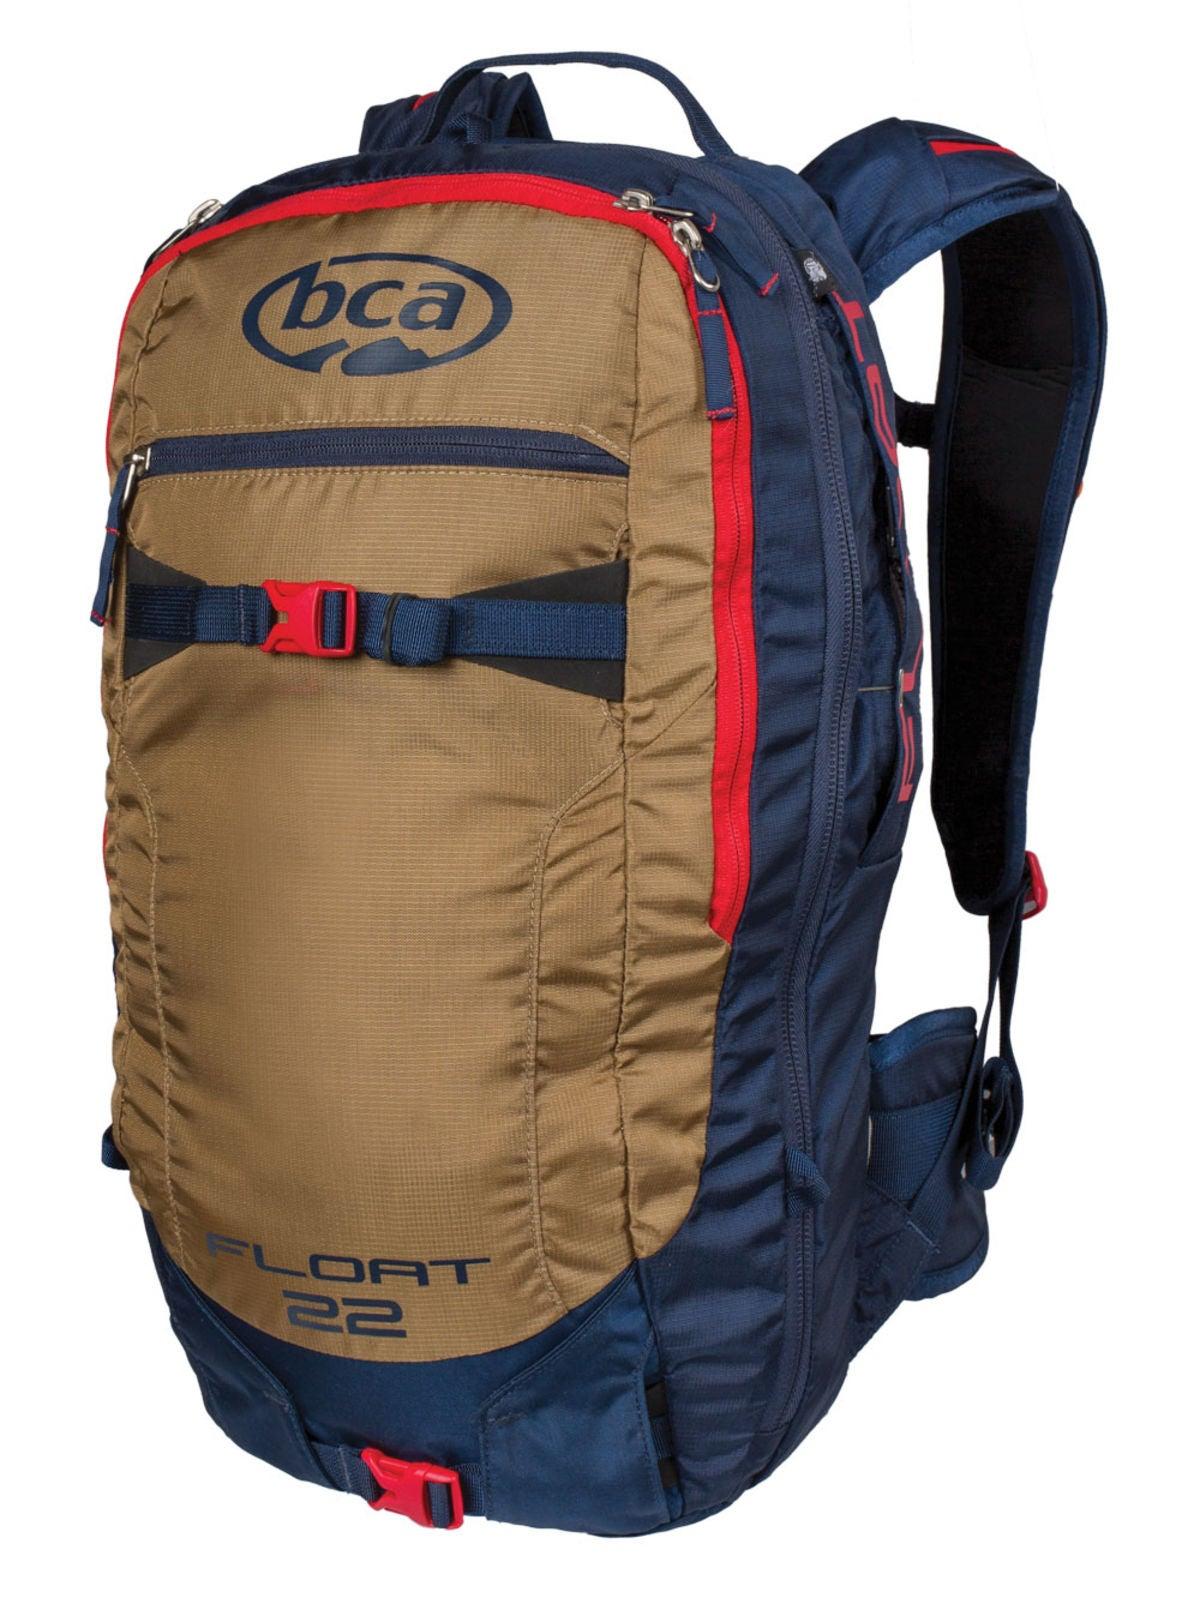 BCA Float2 Backpack